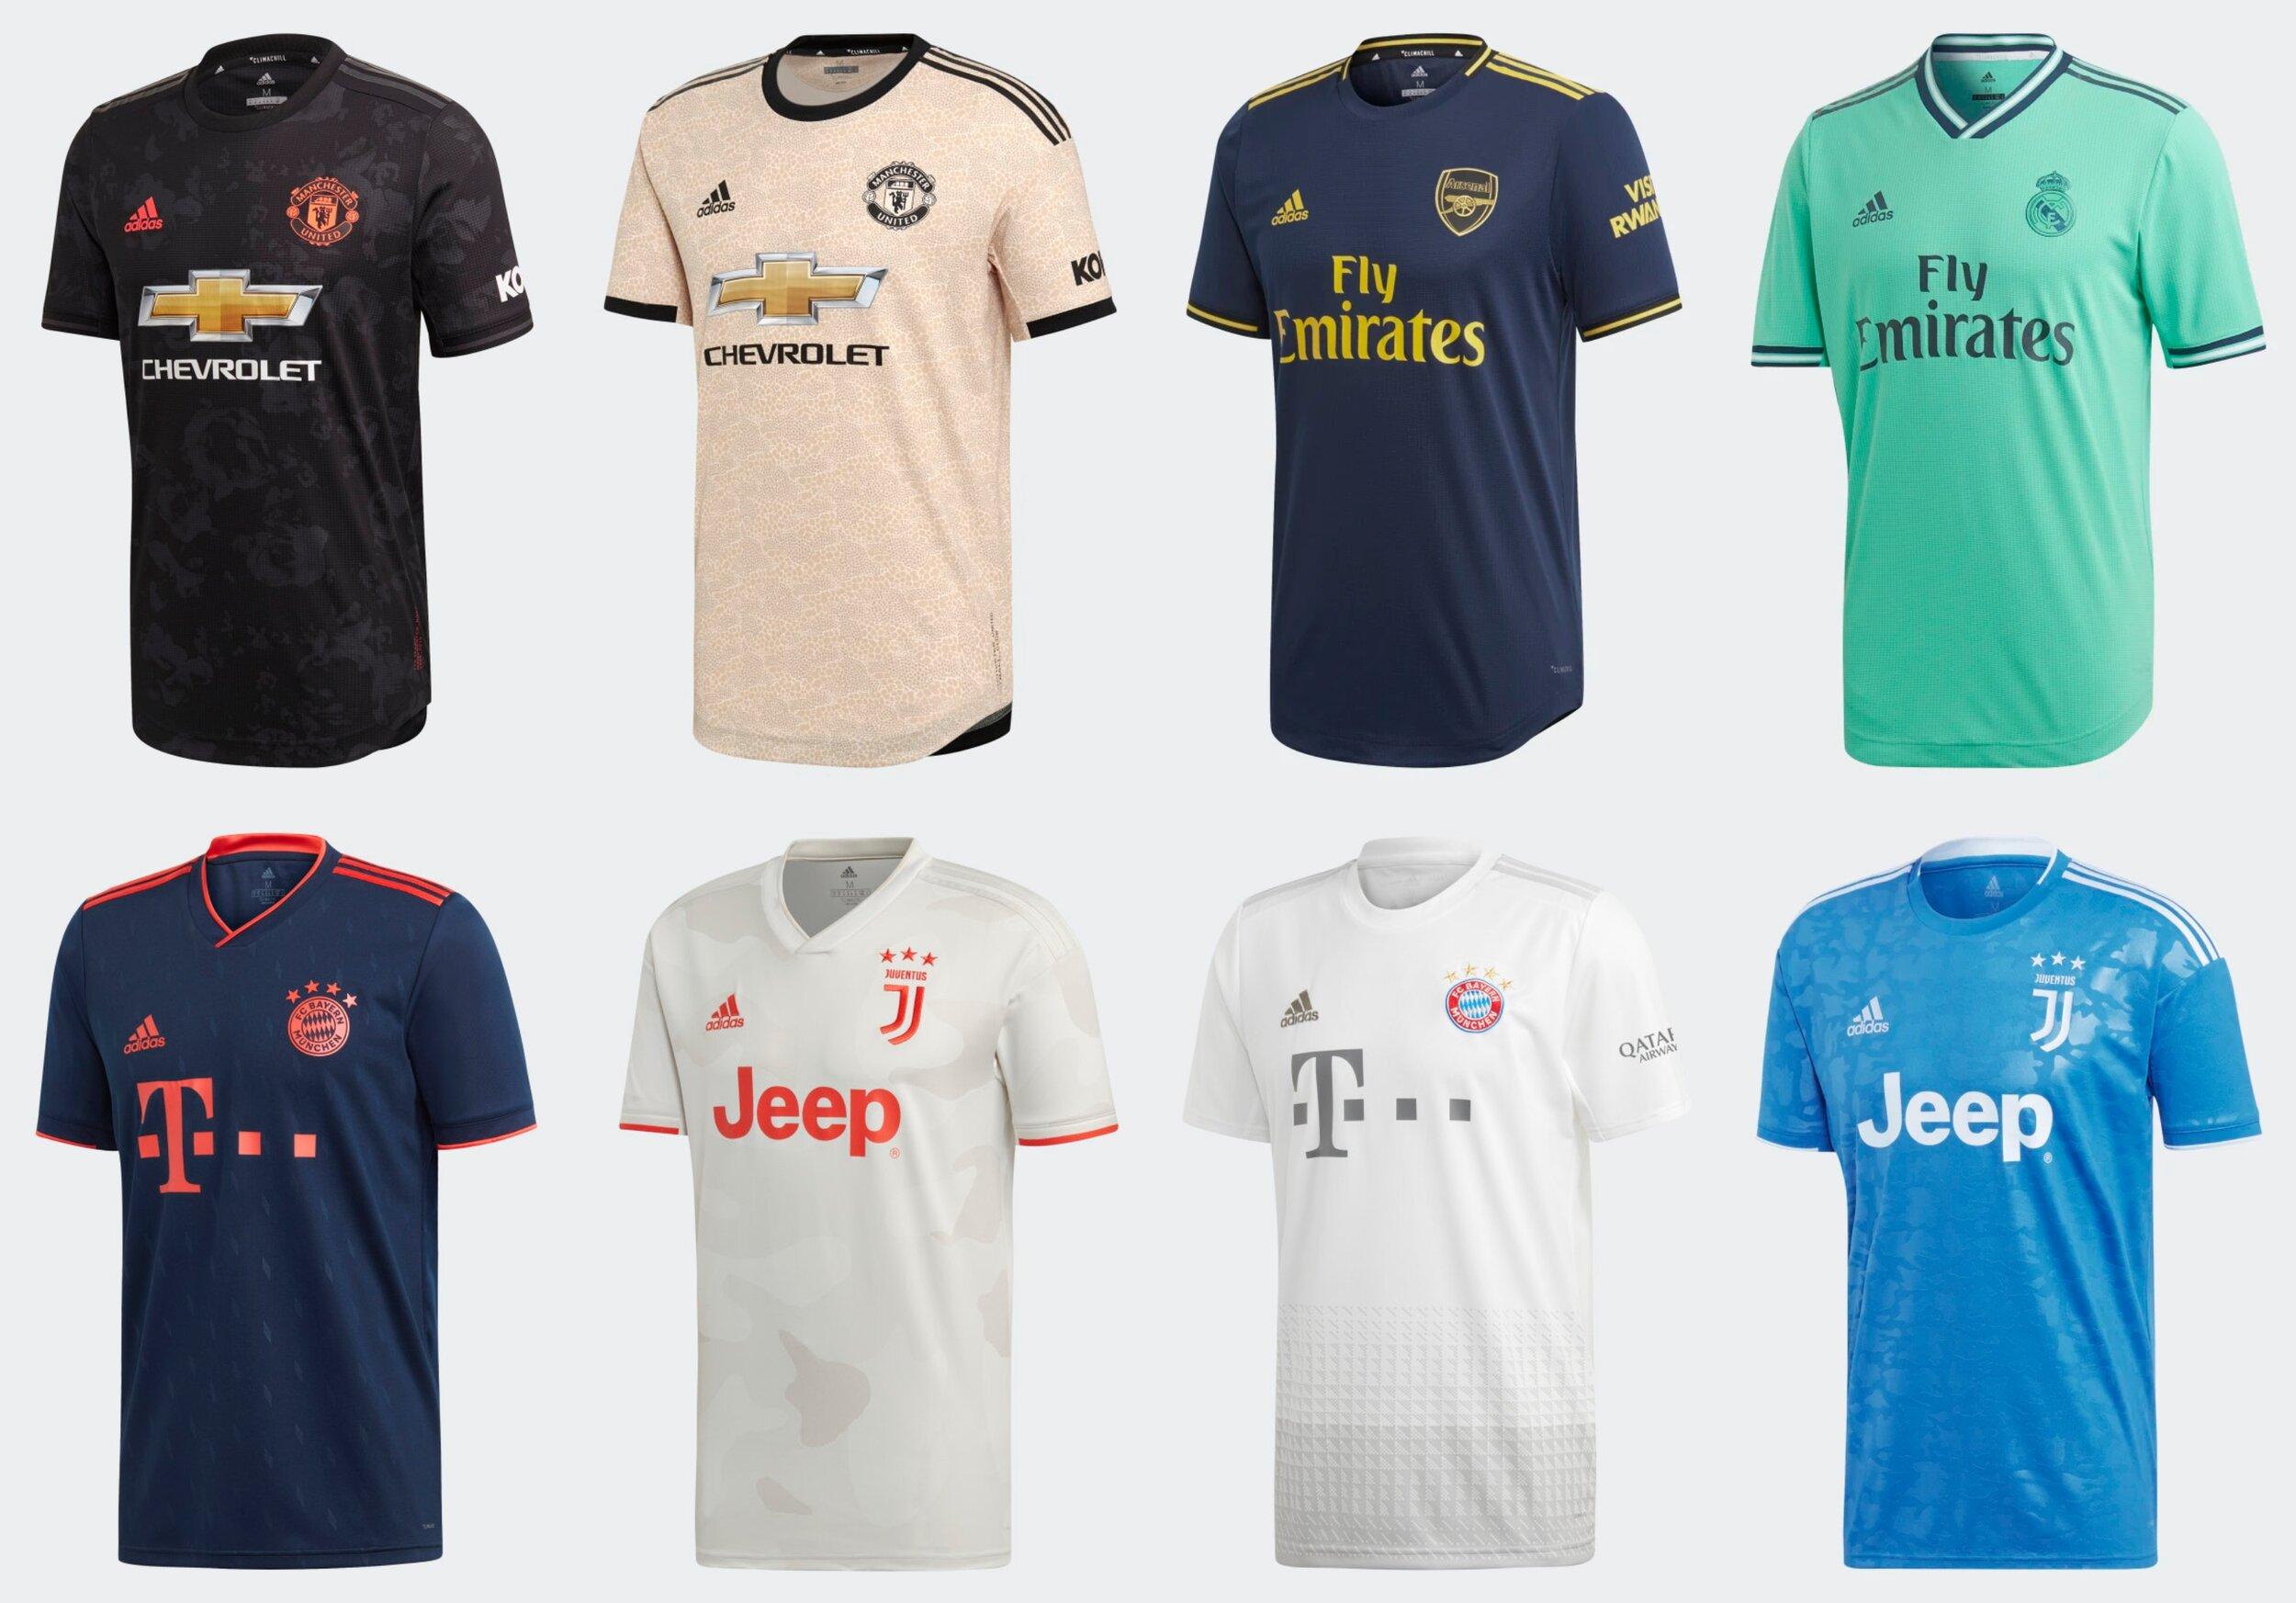 65% OFF adidas Soccer Jerseys — Sneaker Shouts